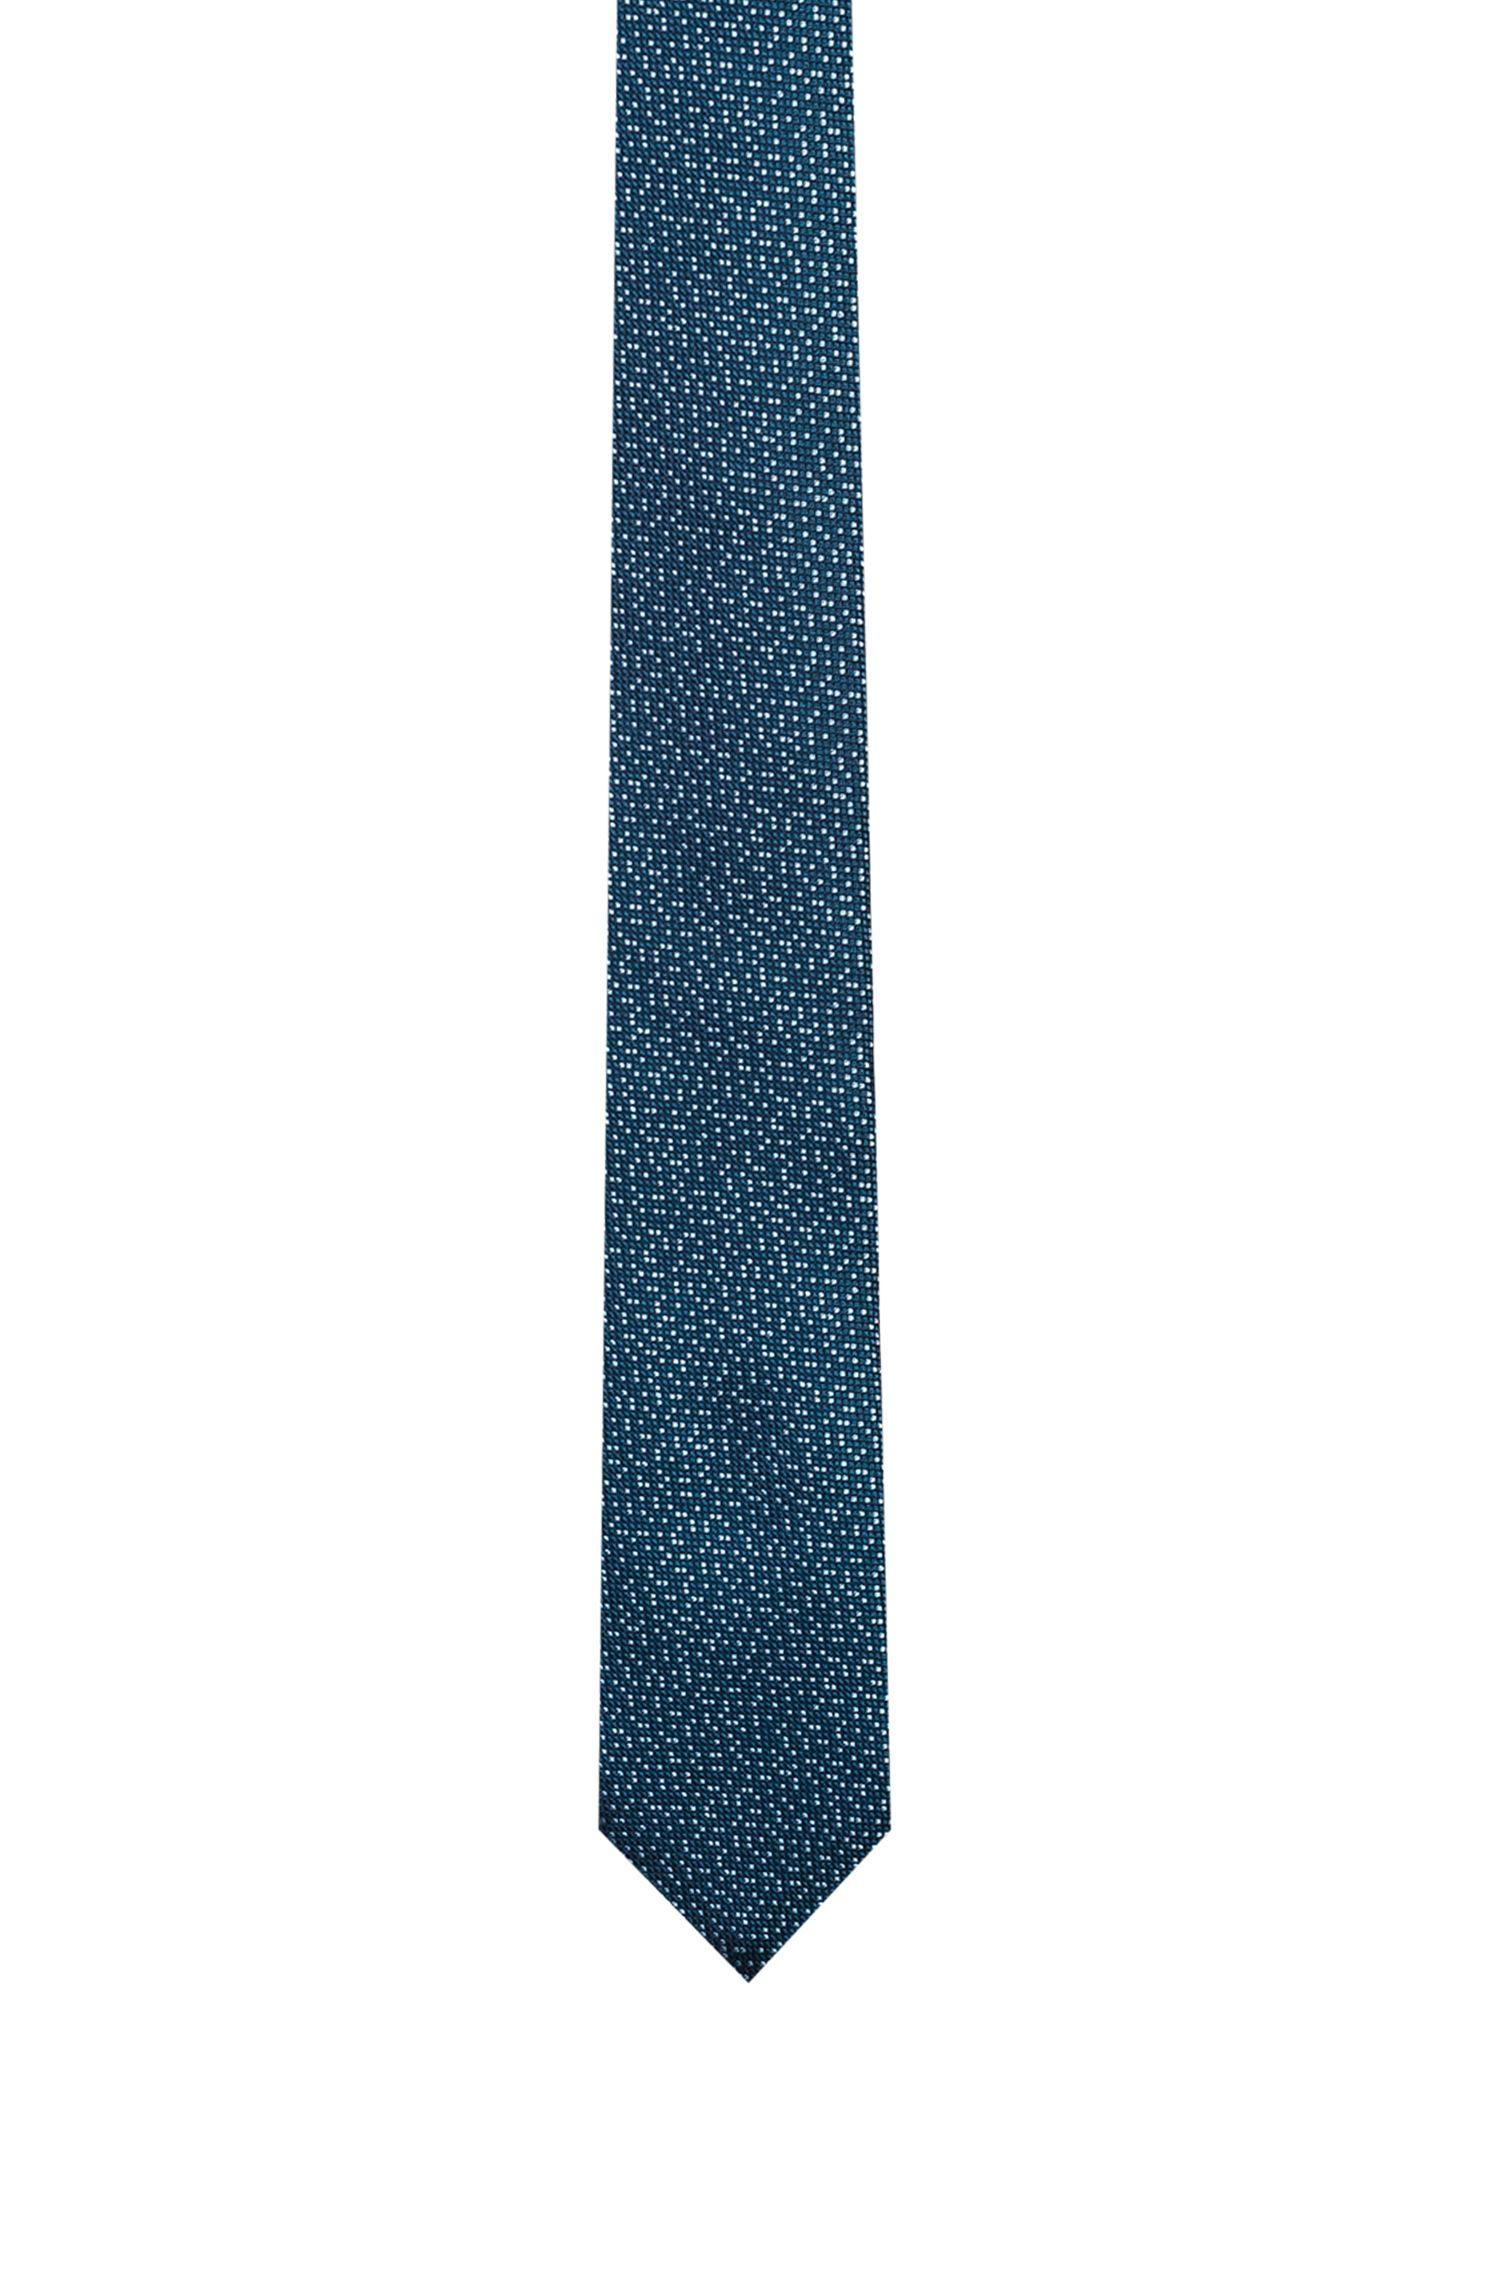 Gemusterte Krawatte aus Seiden-Jacquard, Gemustert